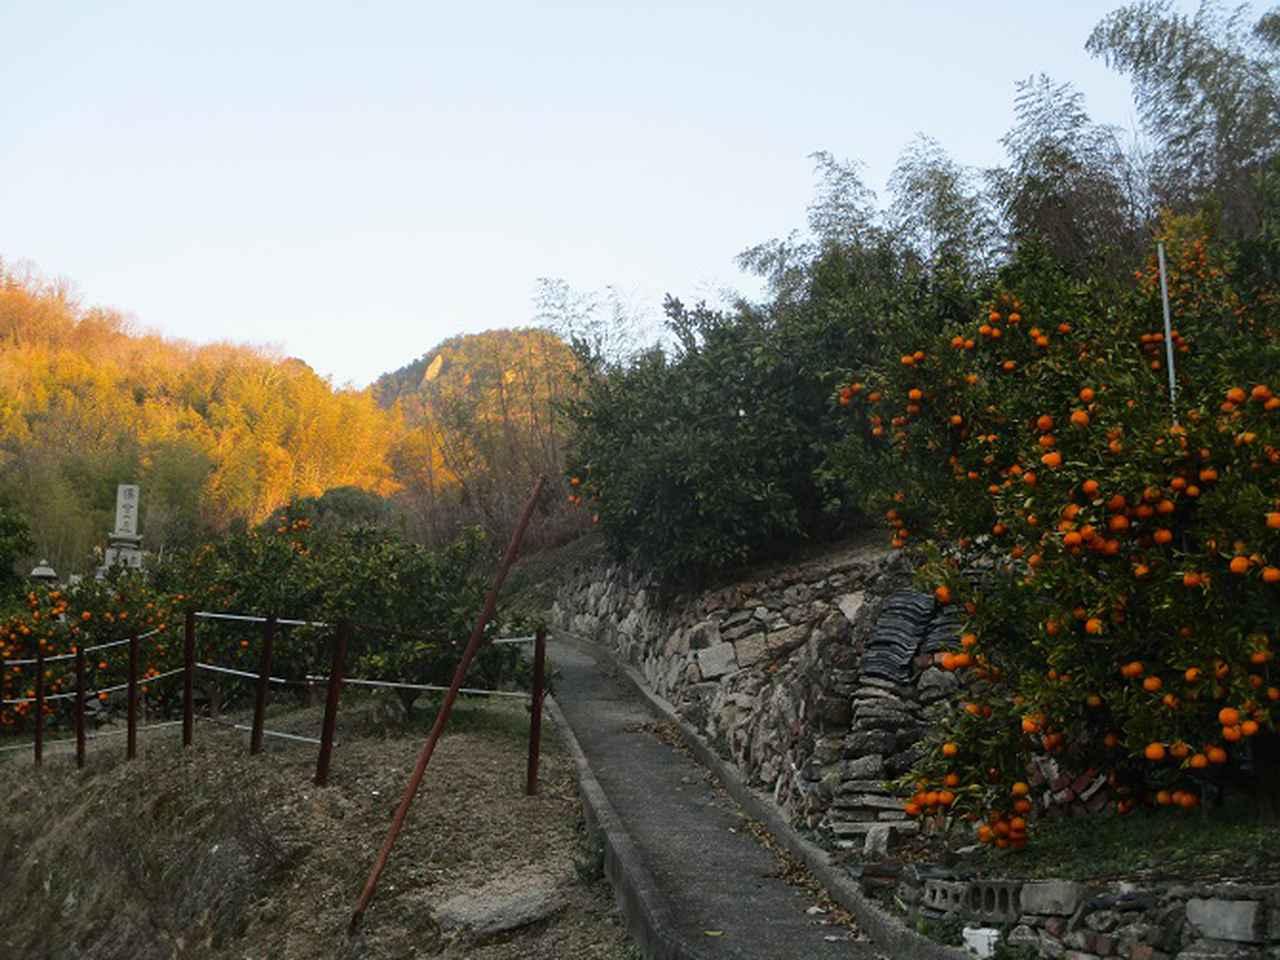 画像1: 来年の冬の企画素材を探して我が故郷・広島の山を歩いてみました!